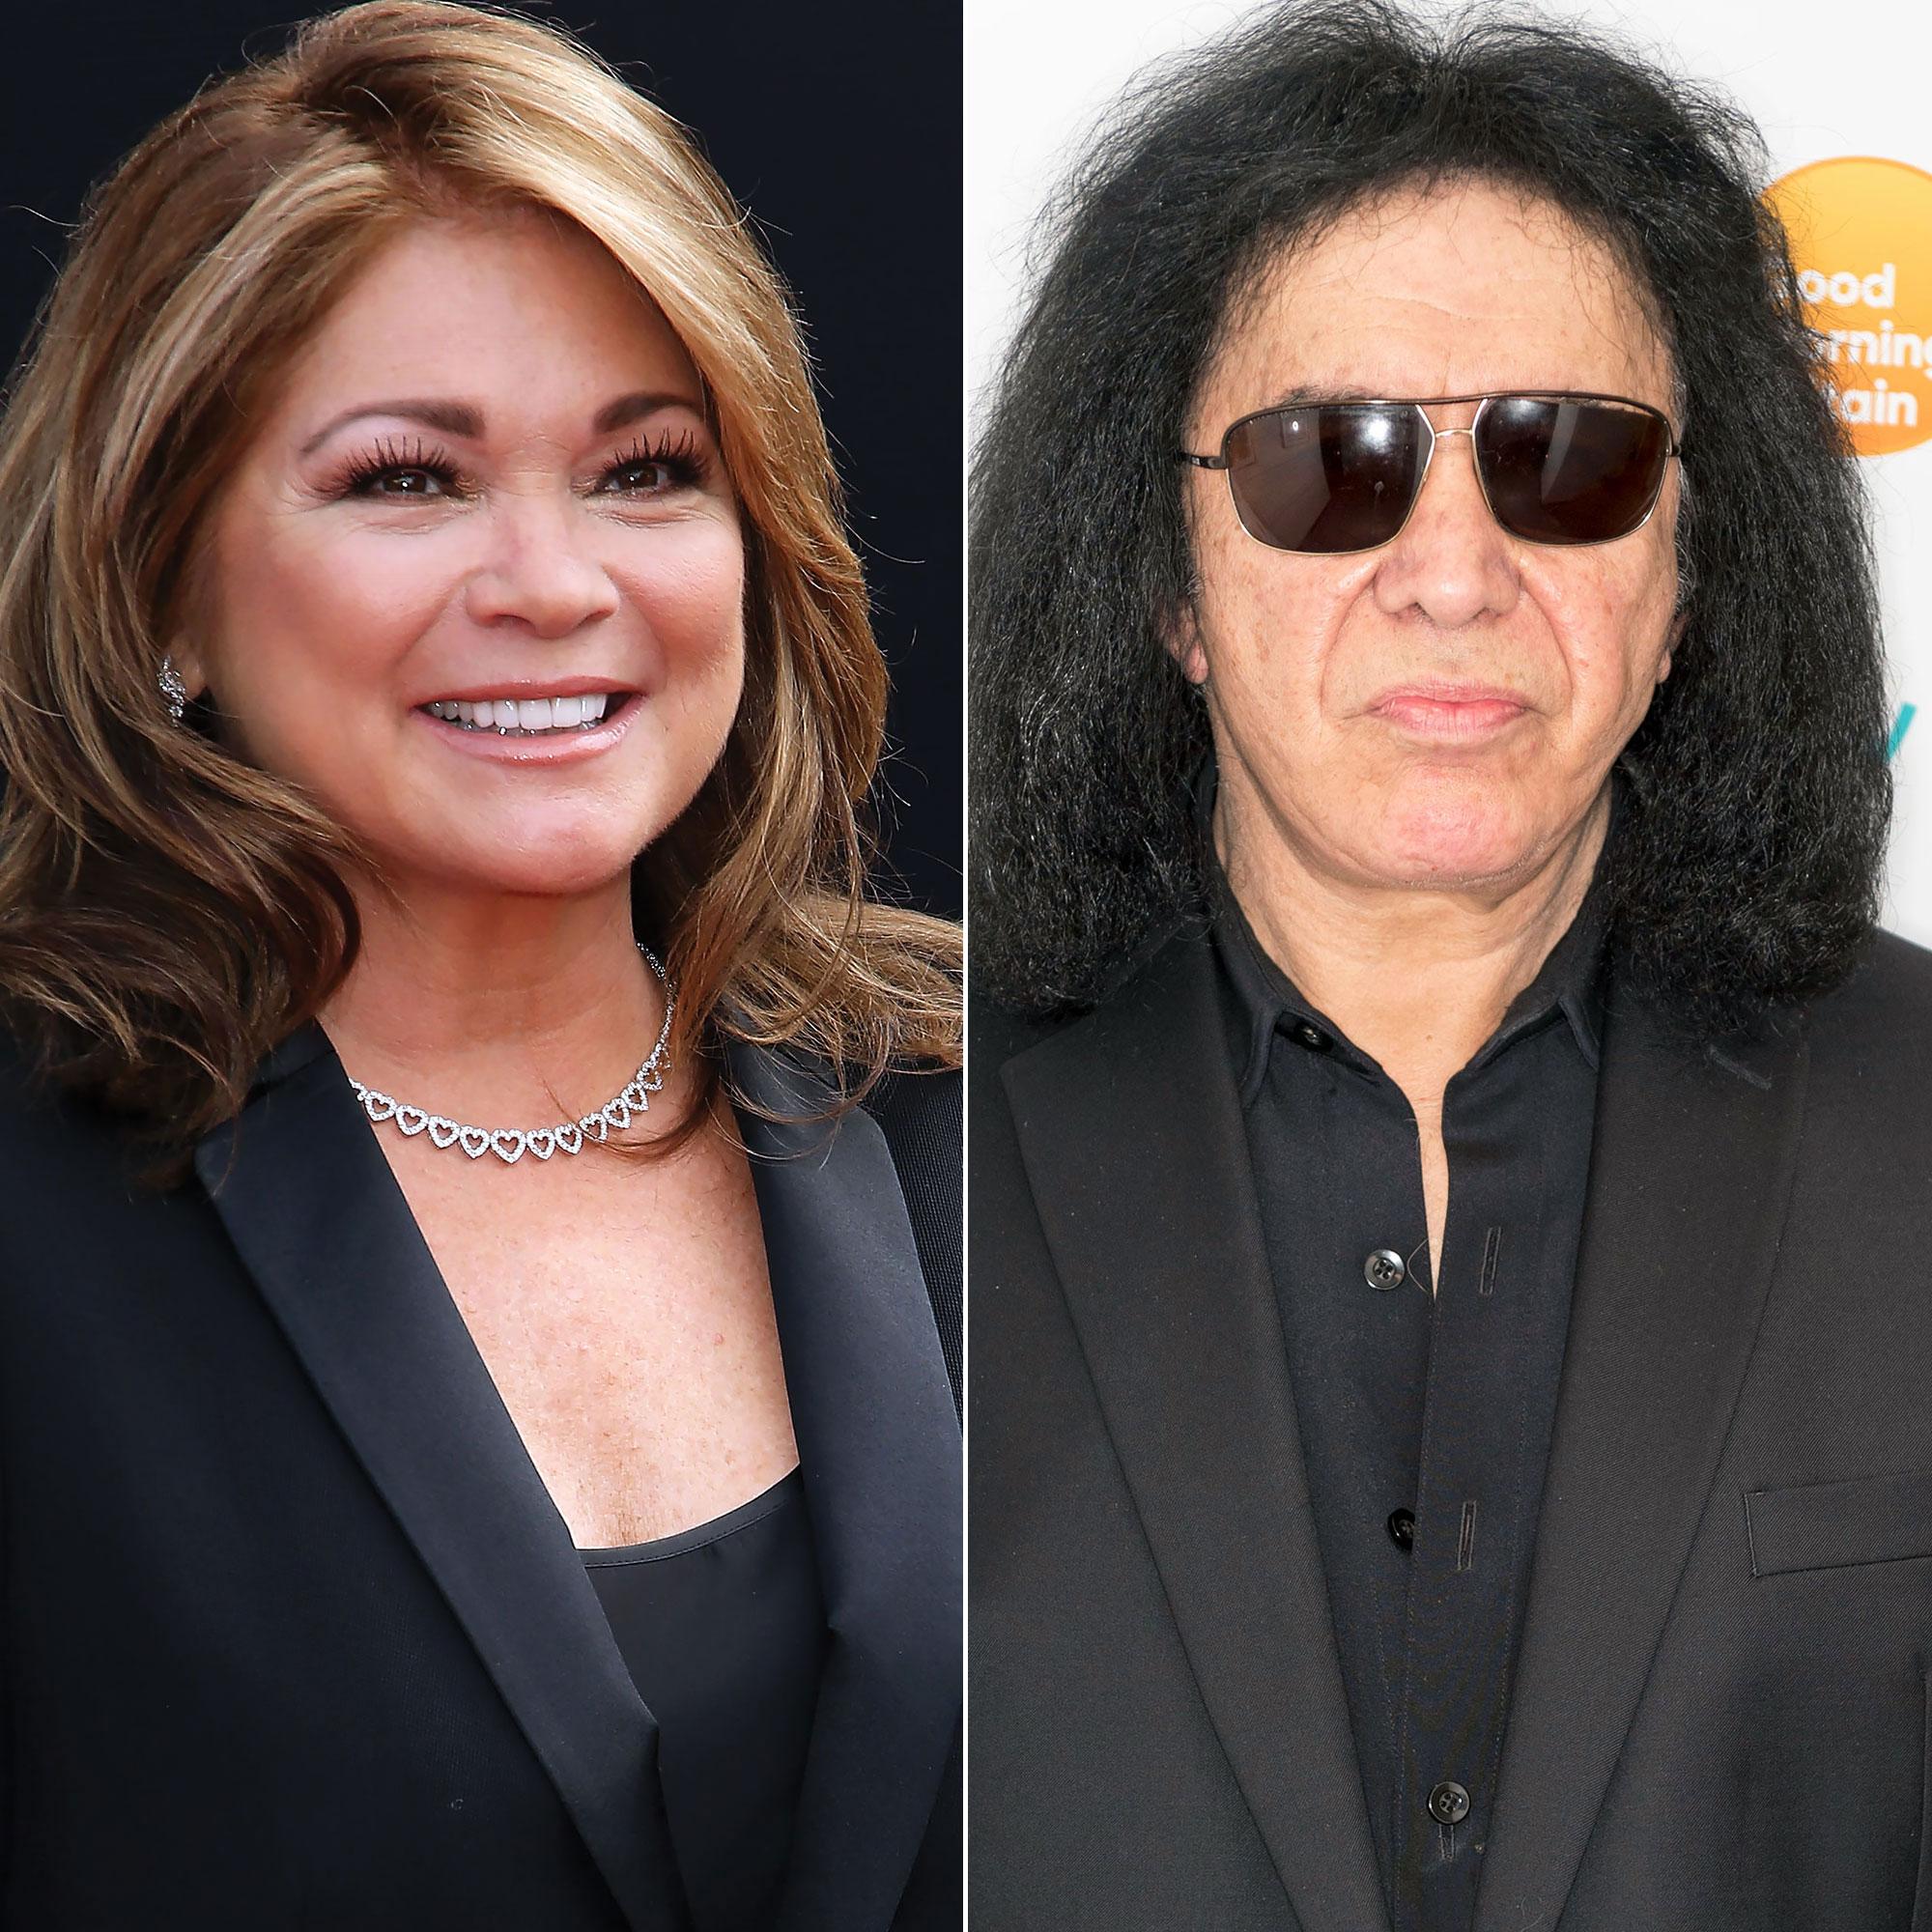 Rocker Eddie Van Halen Dies at 65: Celebrities React